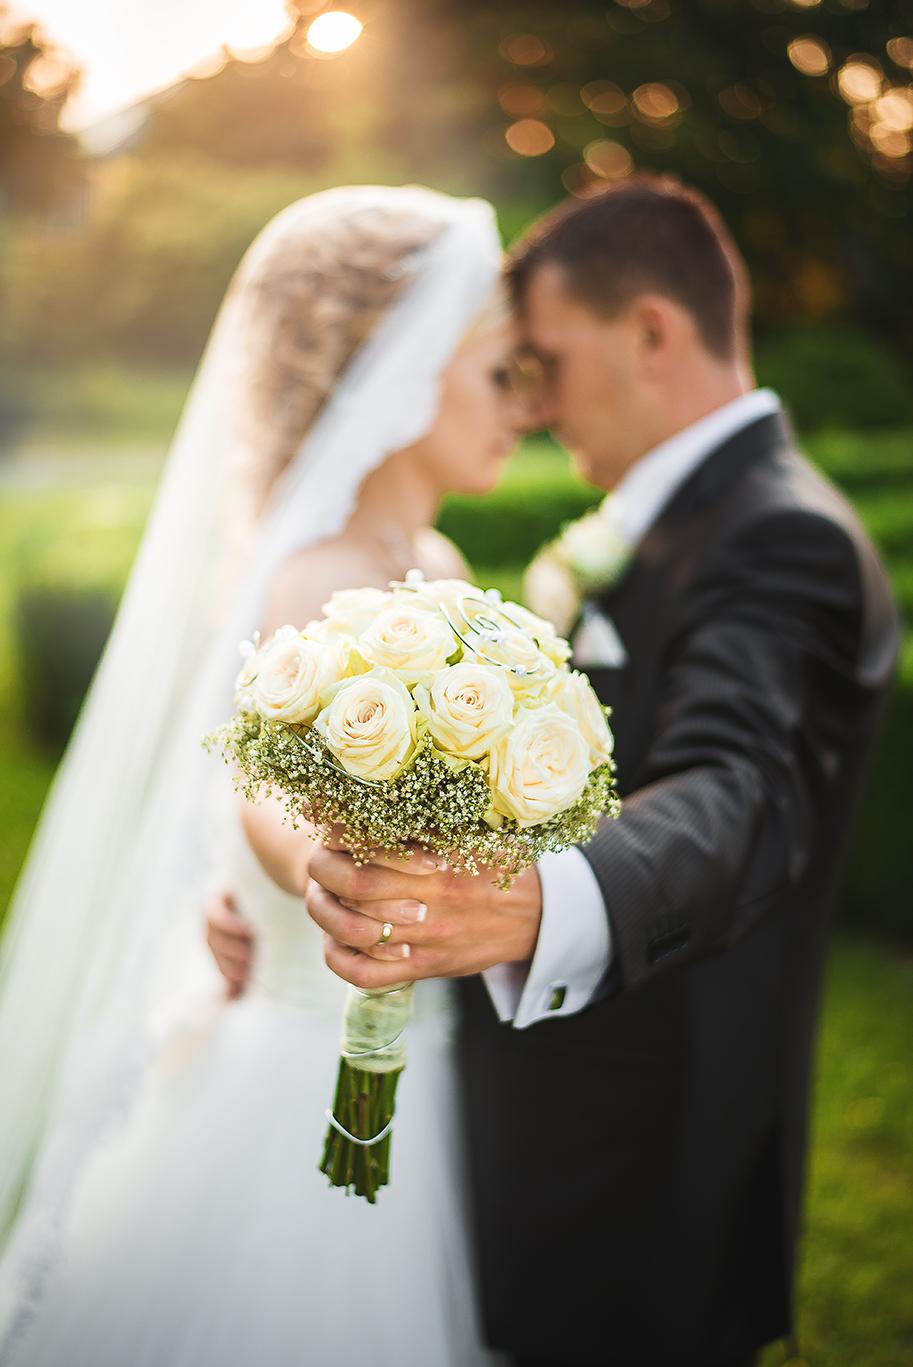 nevesta, ženích, oblek, šaty, kytica, závoj, láska, príroda, park, love, wedding dress, Bratislava, Trenčín, Žilina, Liptov, fotograf, kameraman, svadobné video, západ slnka, sunset, romantika